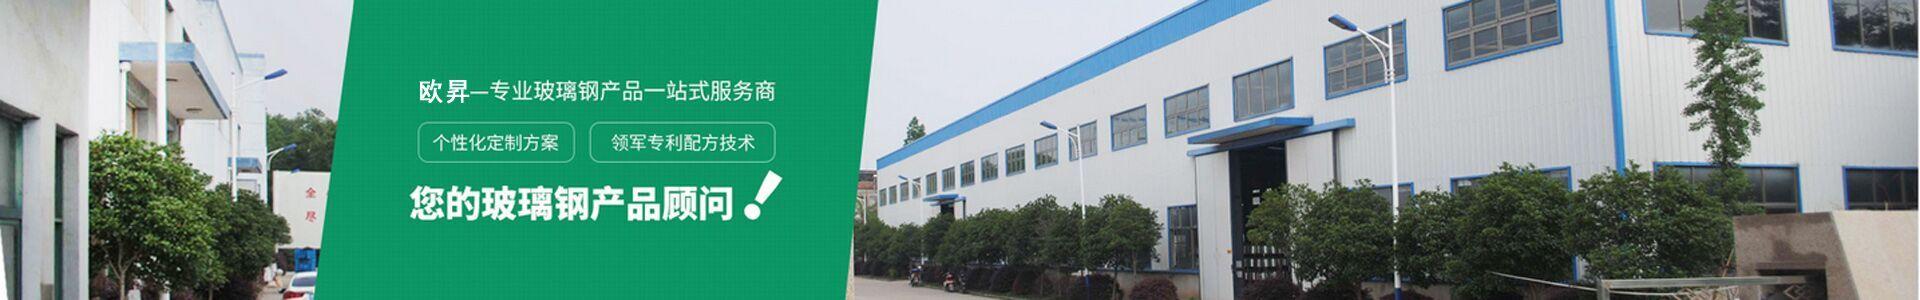 欧升—专业玻璃钢产品一站式服务商